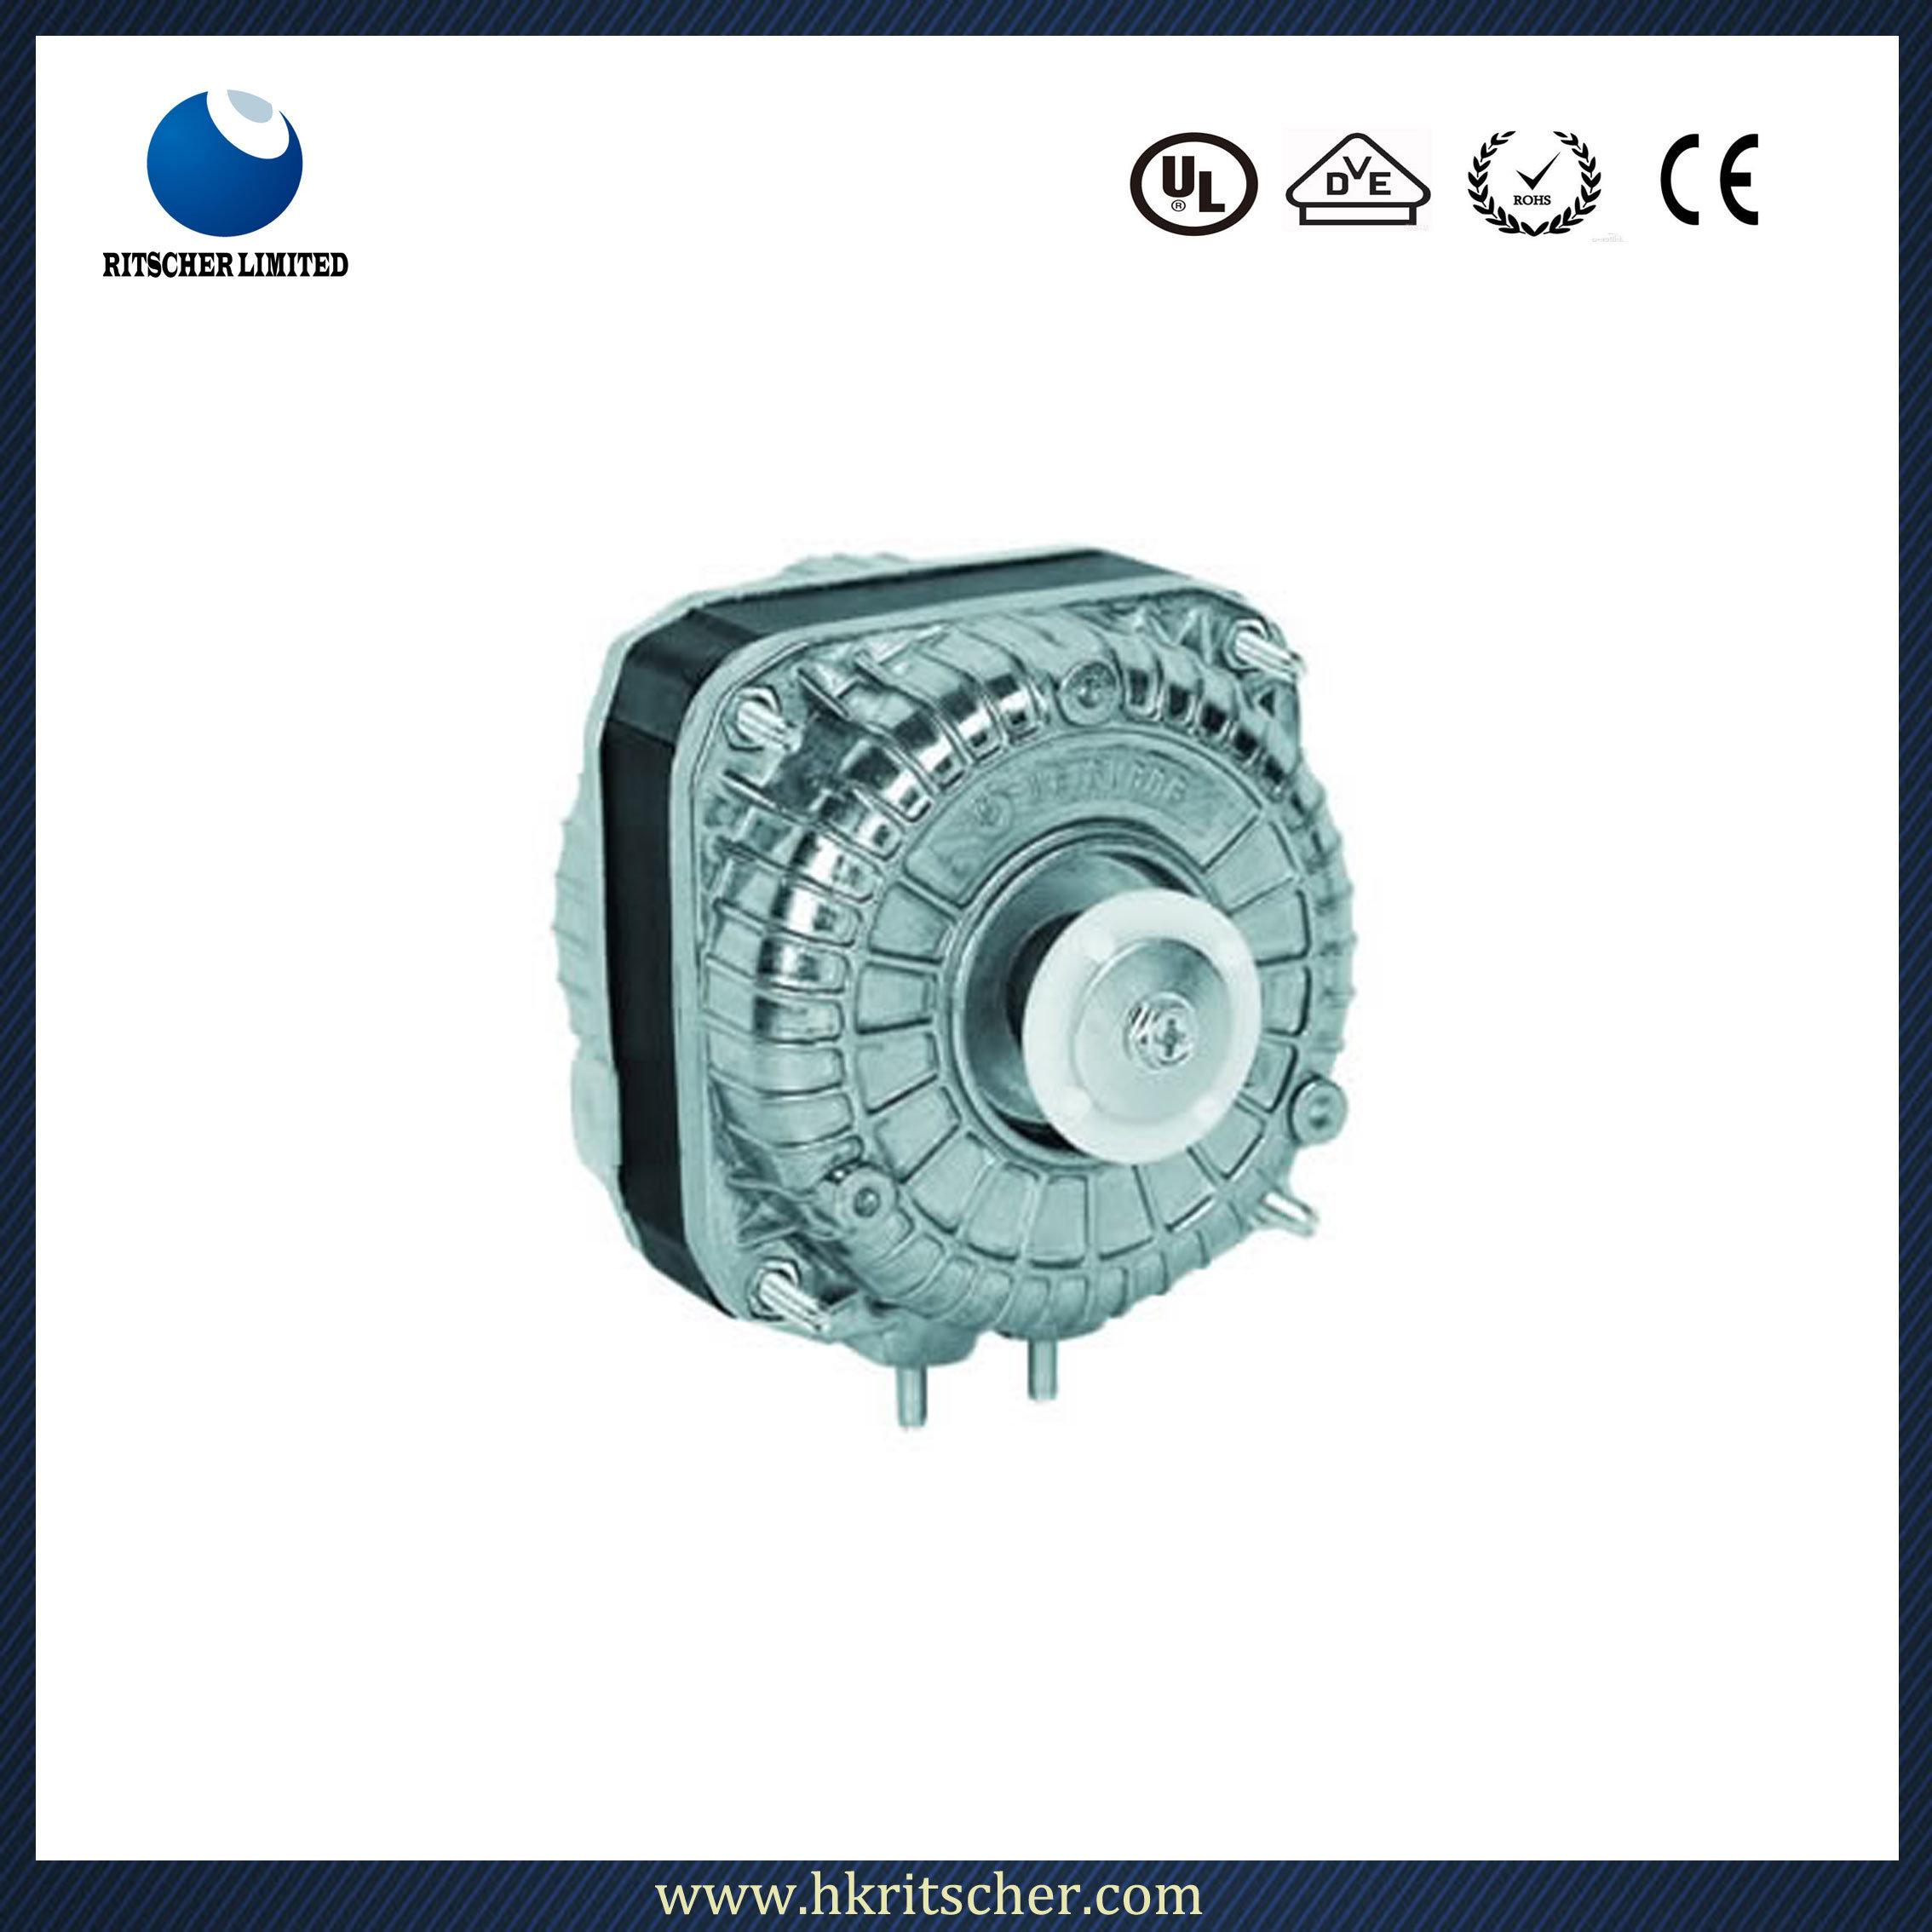 China AC Automation Electric Kitchenware Single Phase Shaded Pole ...